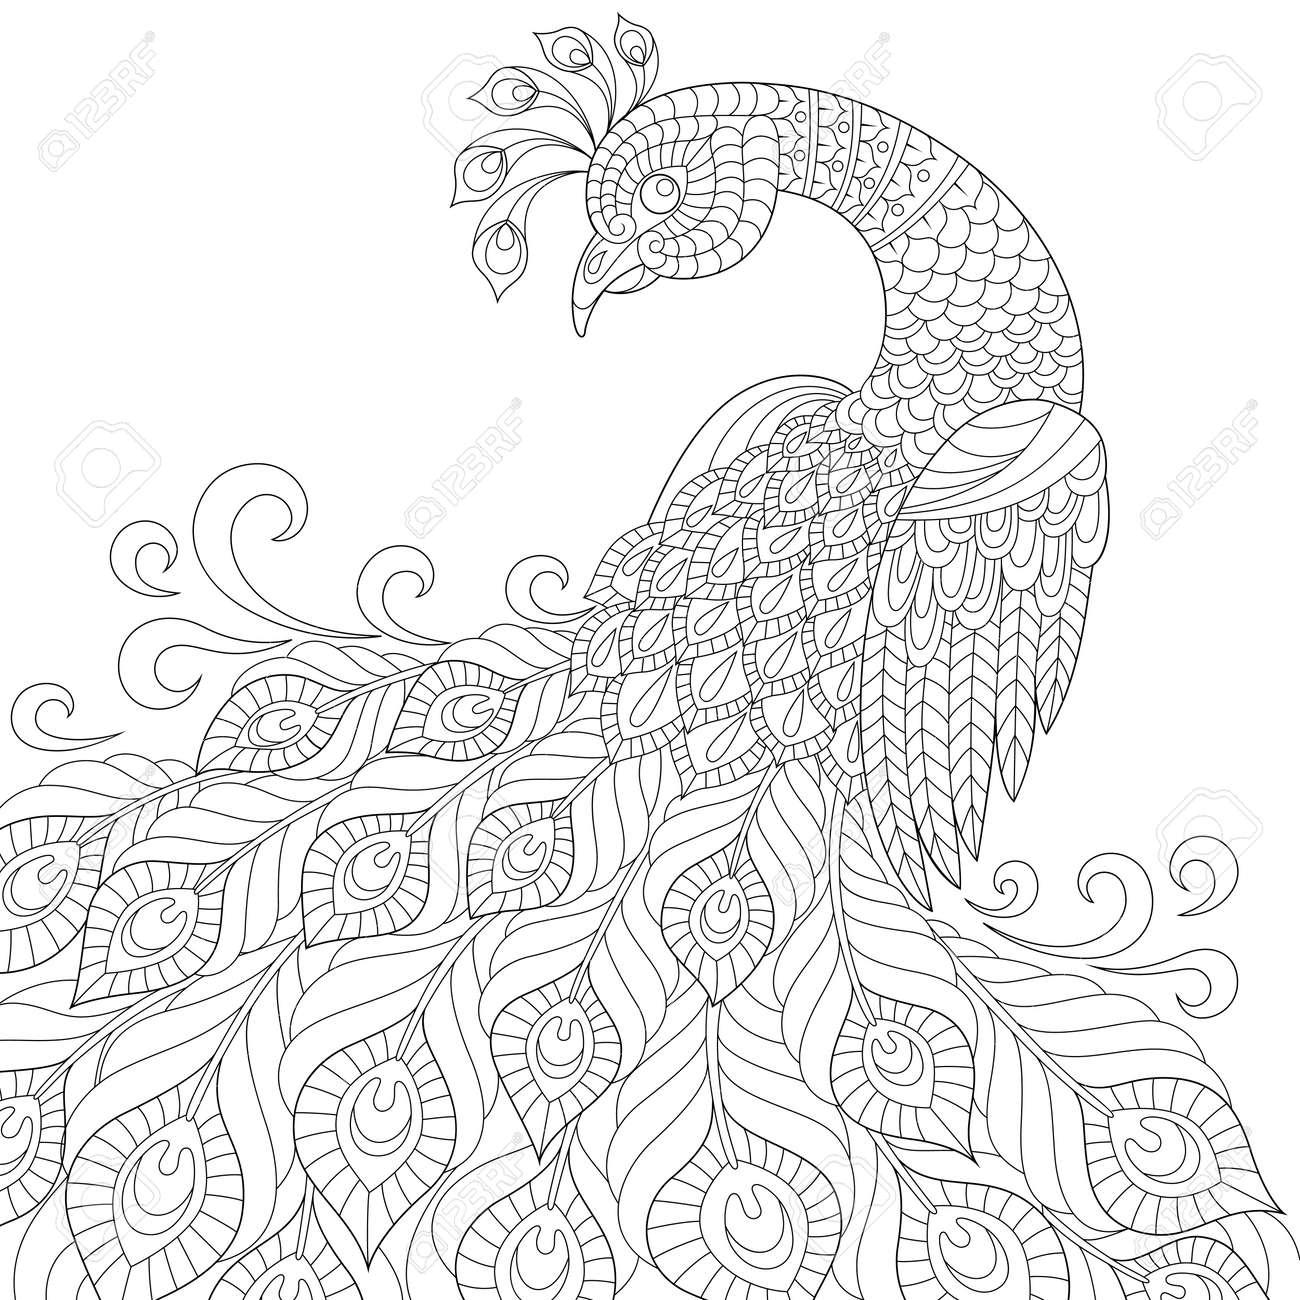 装飾的な孔雀大人の抗ストレスの着色のページ黒と白の手描き落書き